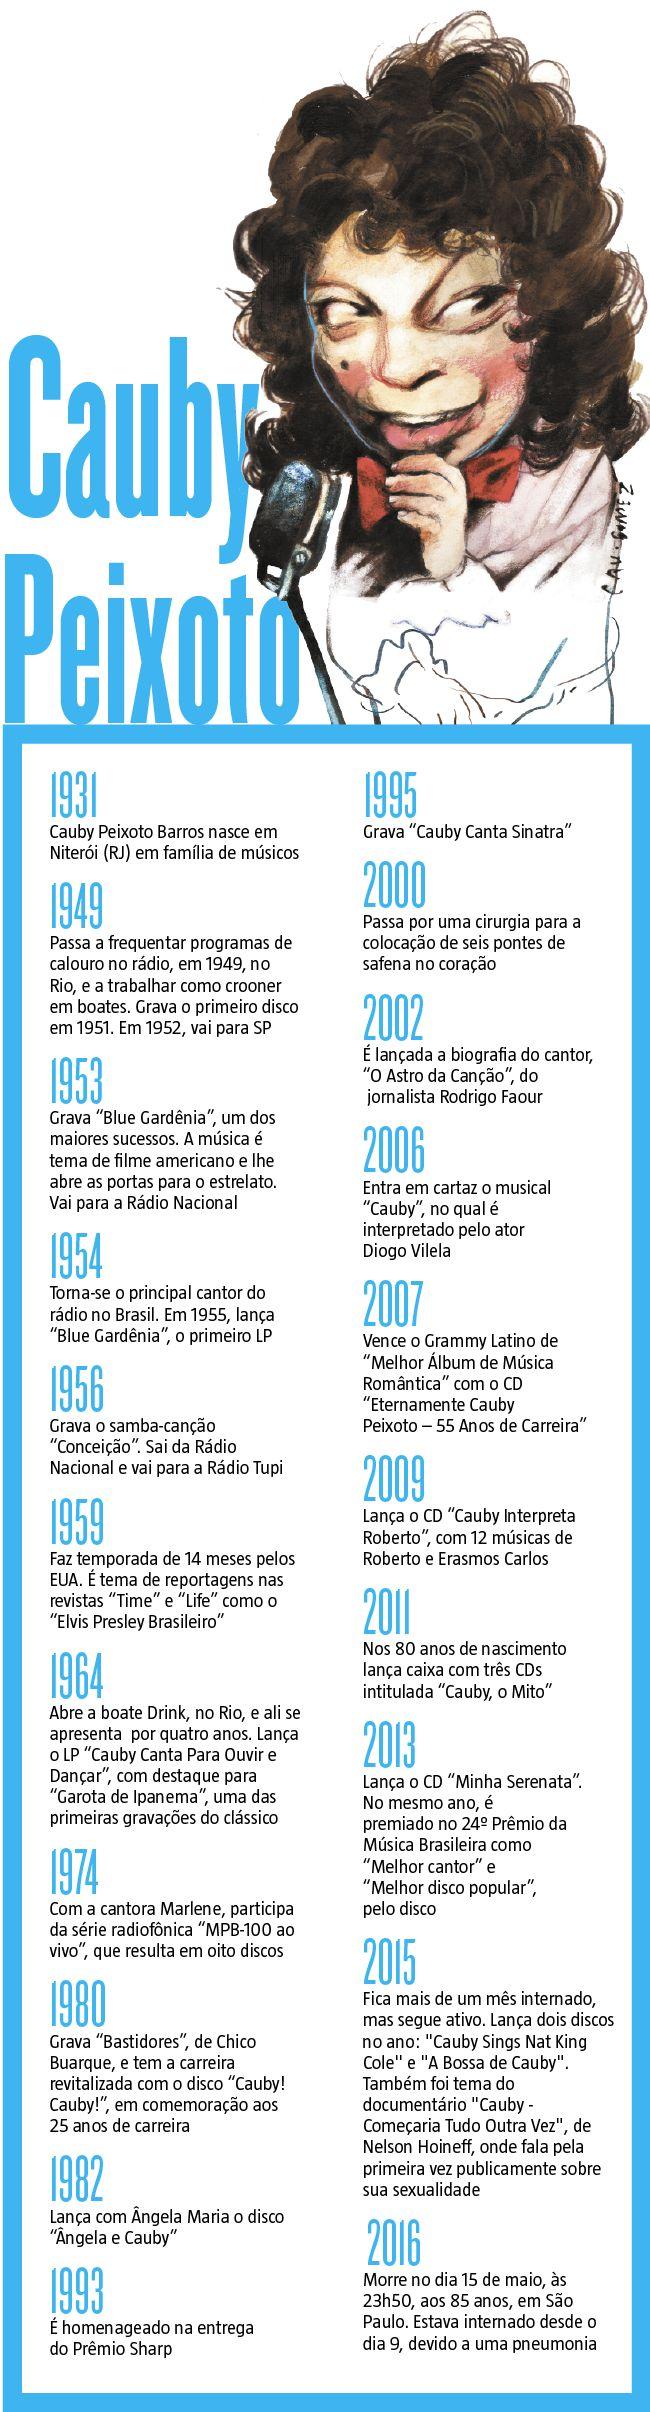 Roupas, perucas, jiu-jitsu e sexo. Conheça algumas curiosidades de Cauby Peixoto (17/05/2016) #Música #Cauby #CaubyPeixoto #Infográfico #Infografia #HojeEmDia